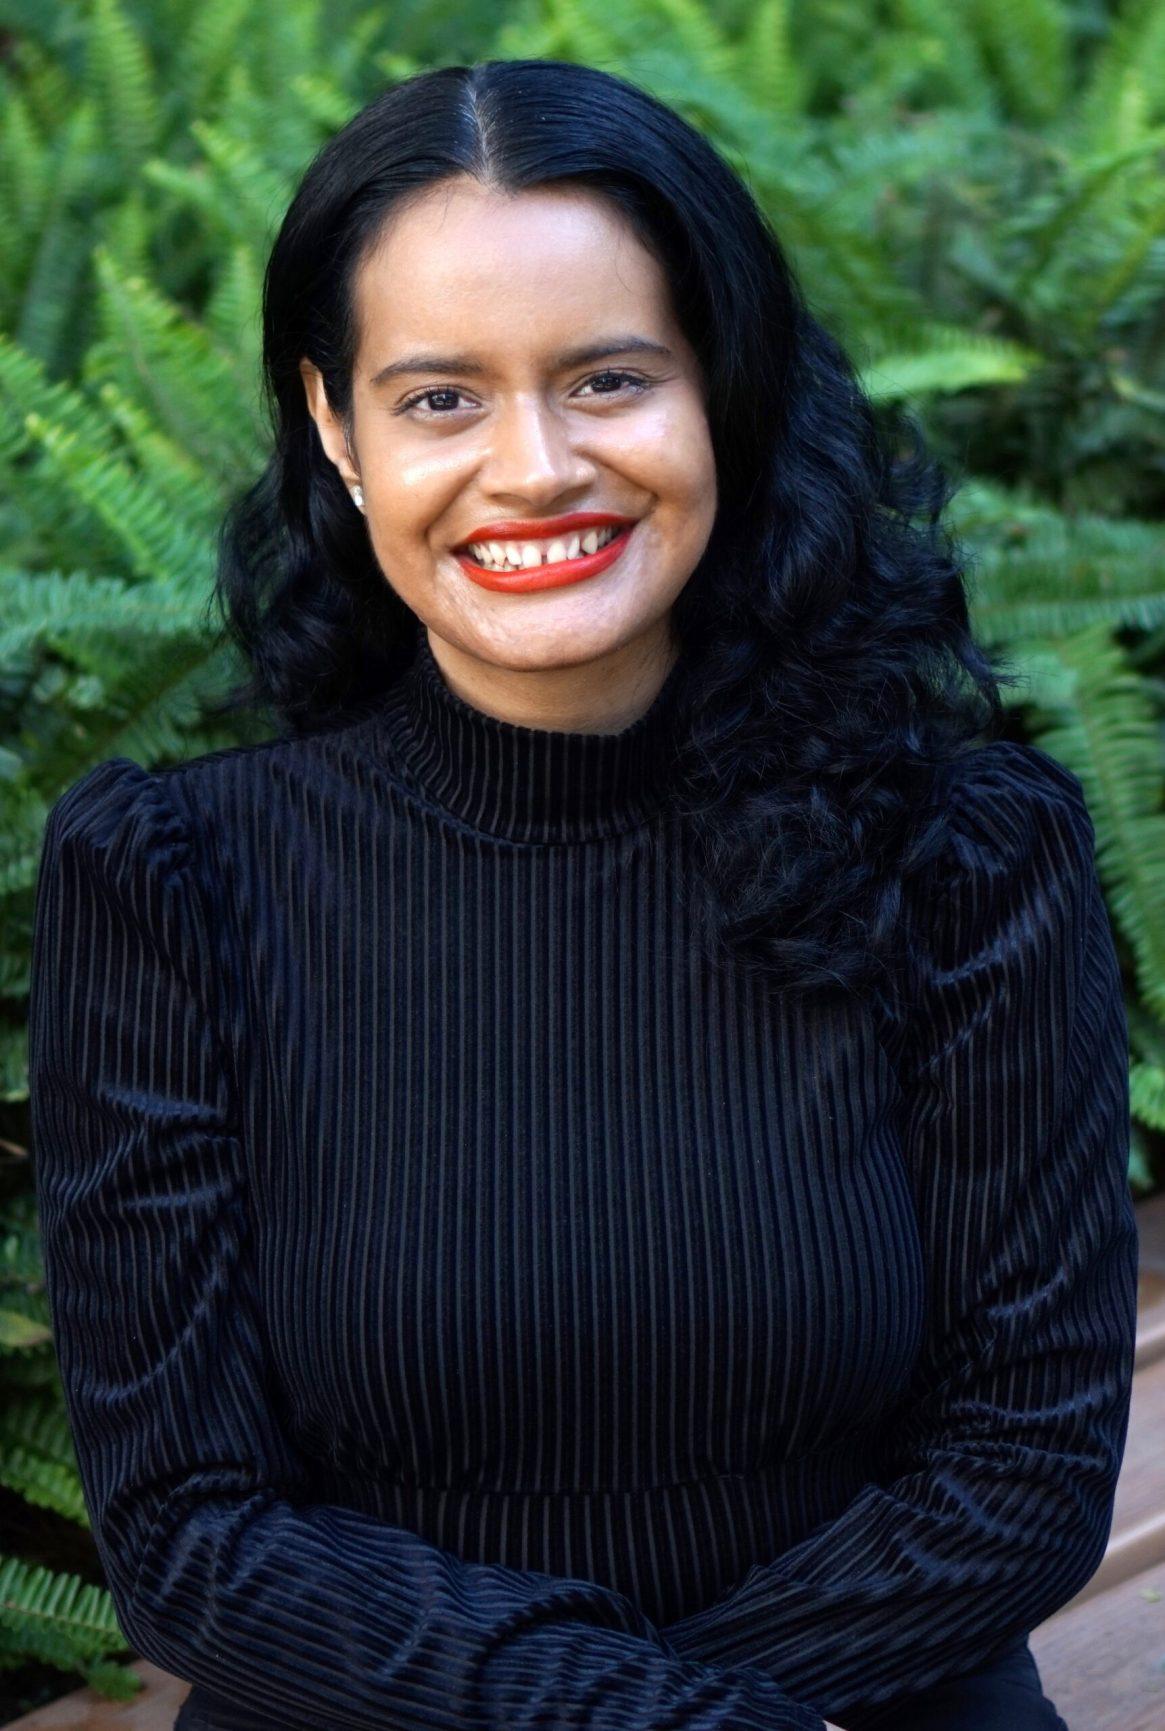 Amparo Ortiz (she/her)